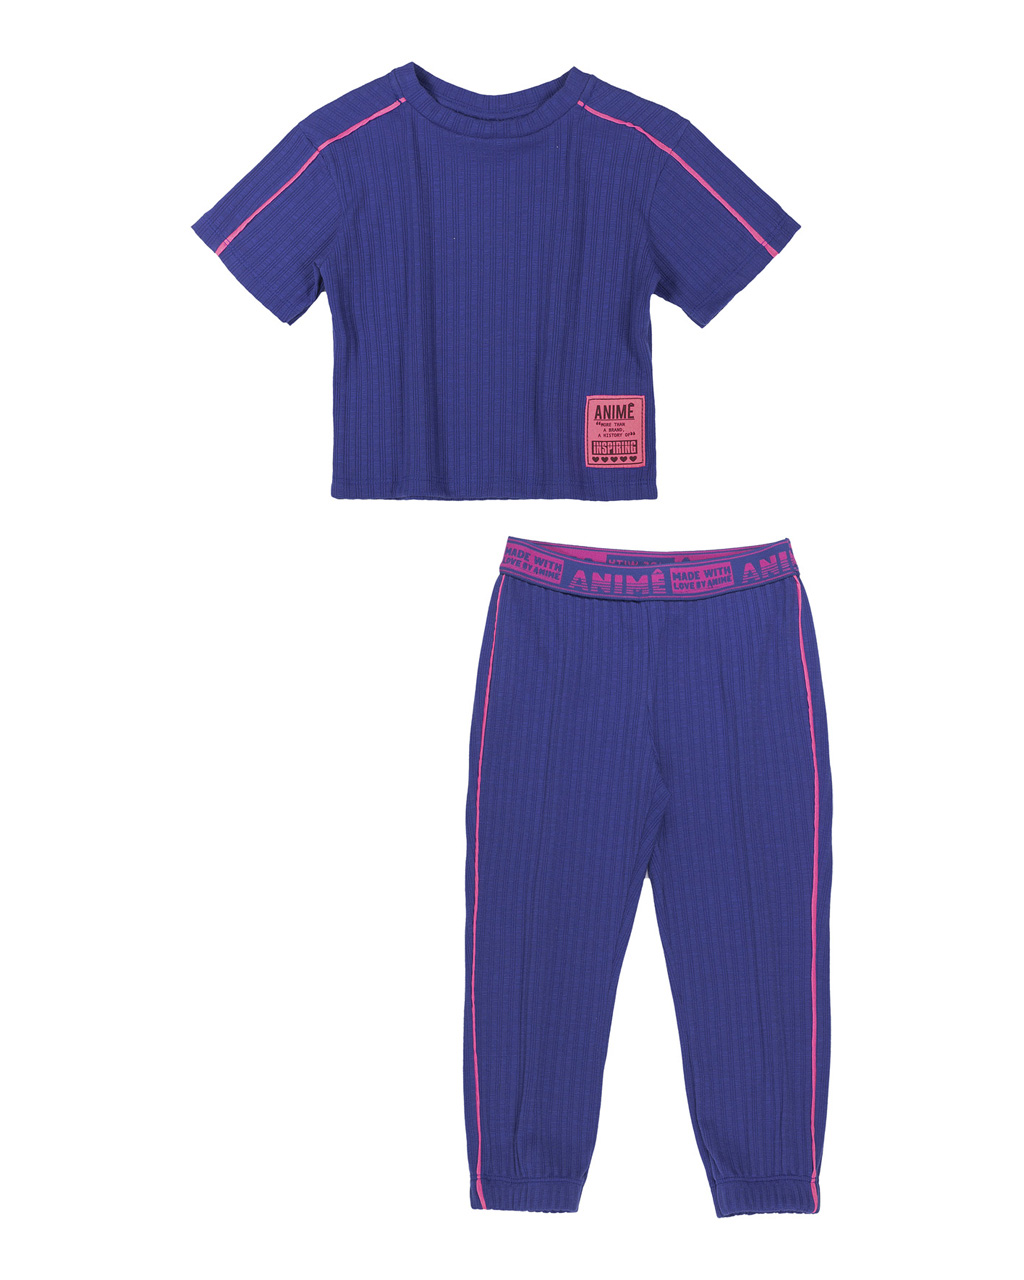 Conjunto Infantil Blusa Manga Curta e Calça Canelada Azul Royal Animê